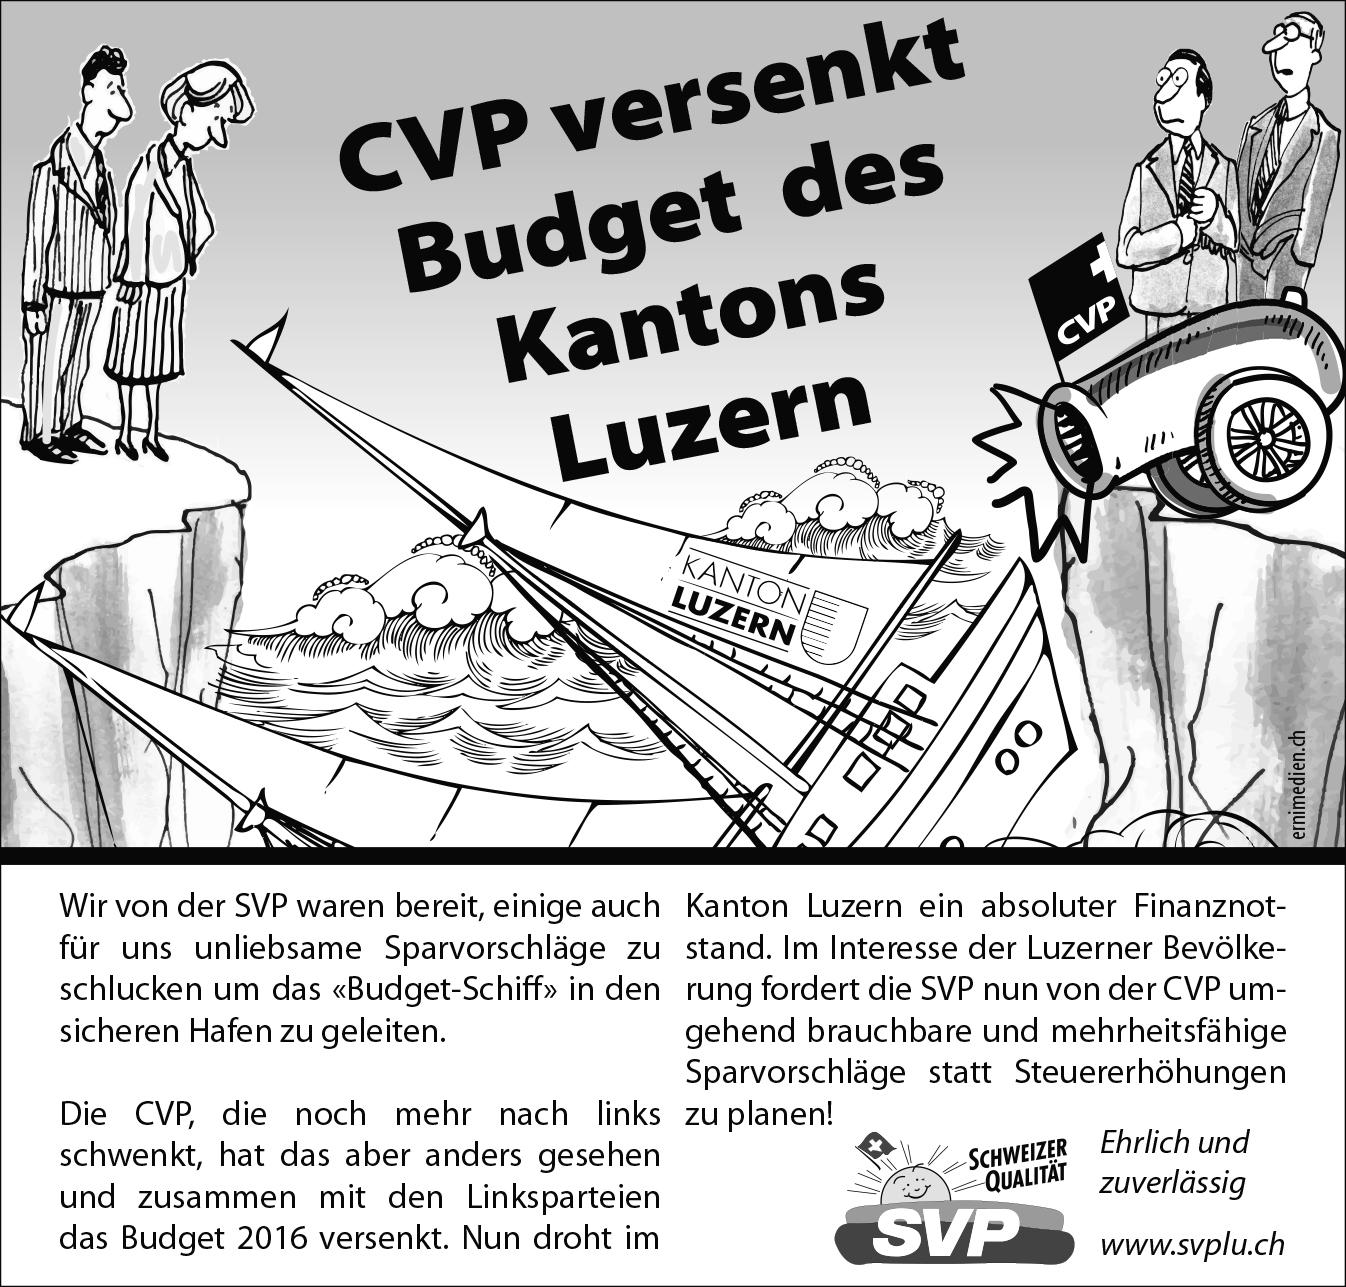 CVP versenkt Budget des Kantons Luzern